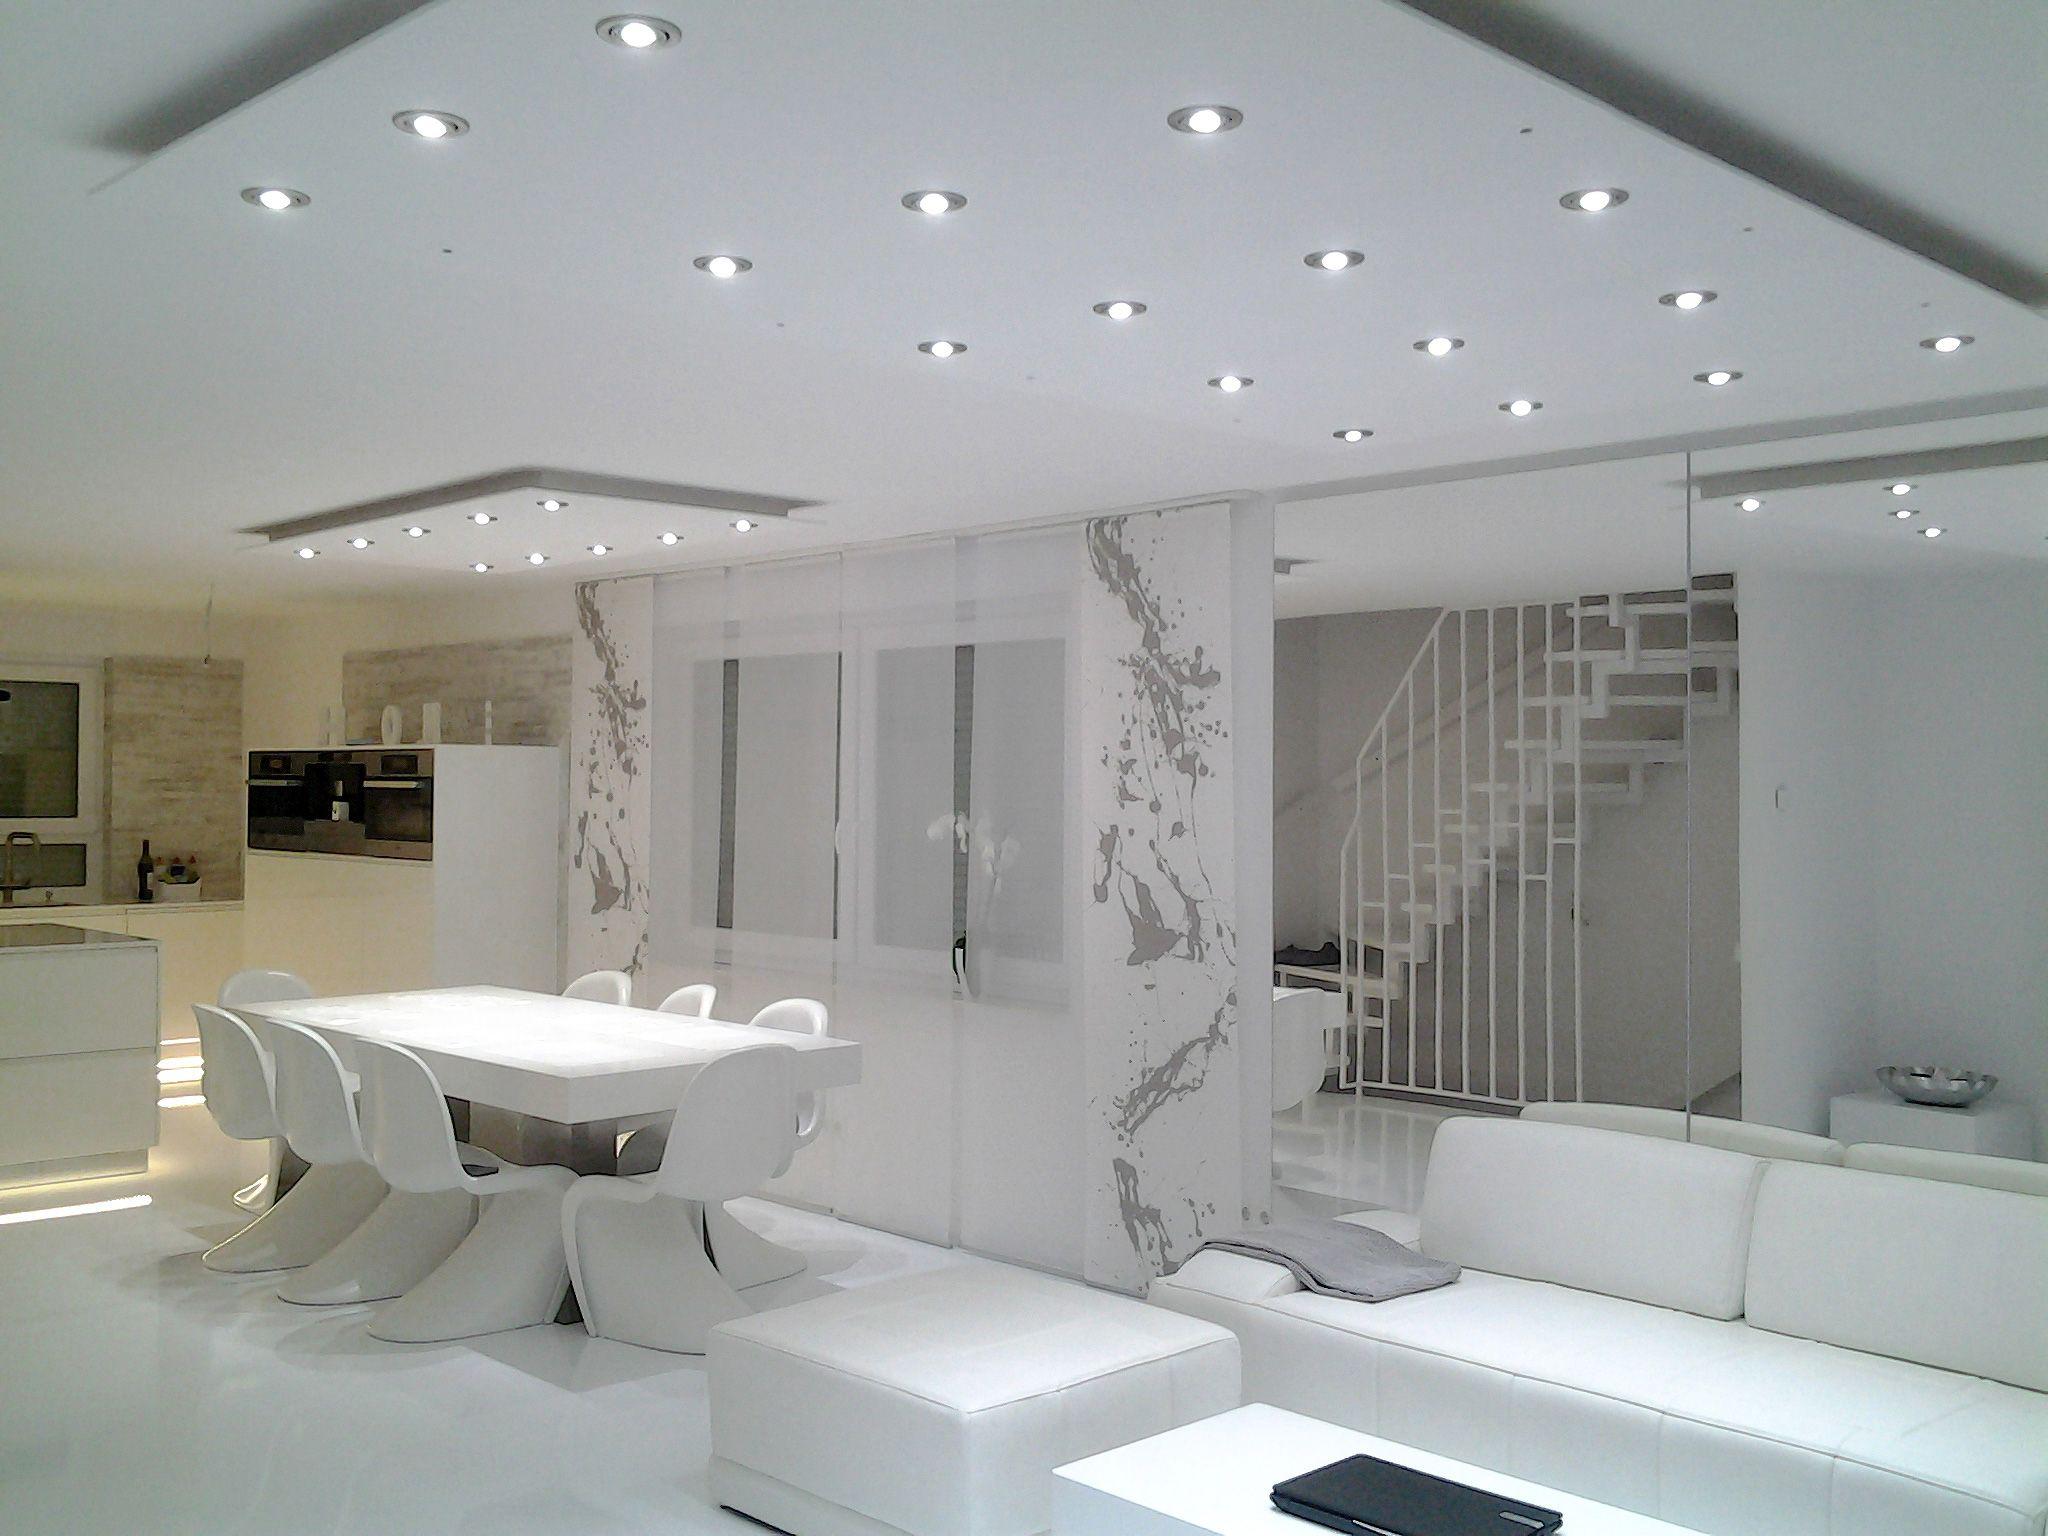 Bildergalerie Beleuchtung Wohnzimmer Decke Beleuchtung Decke Beleuchtung Wohnzimmer